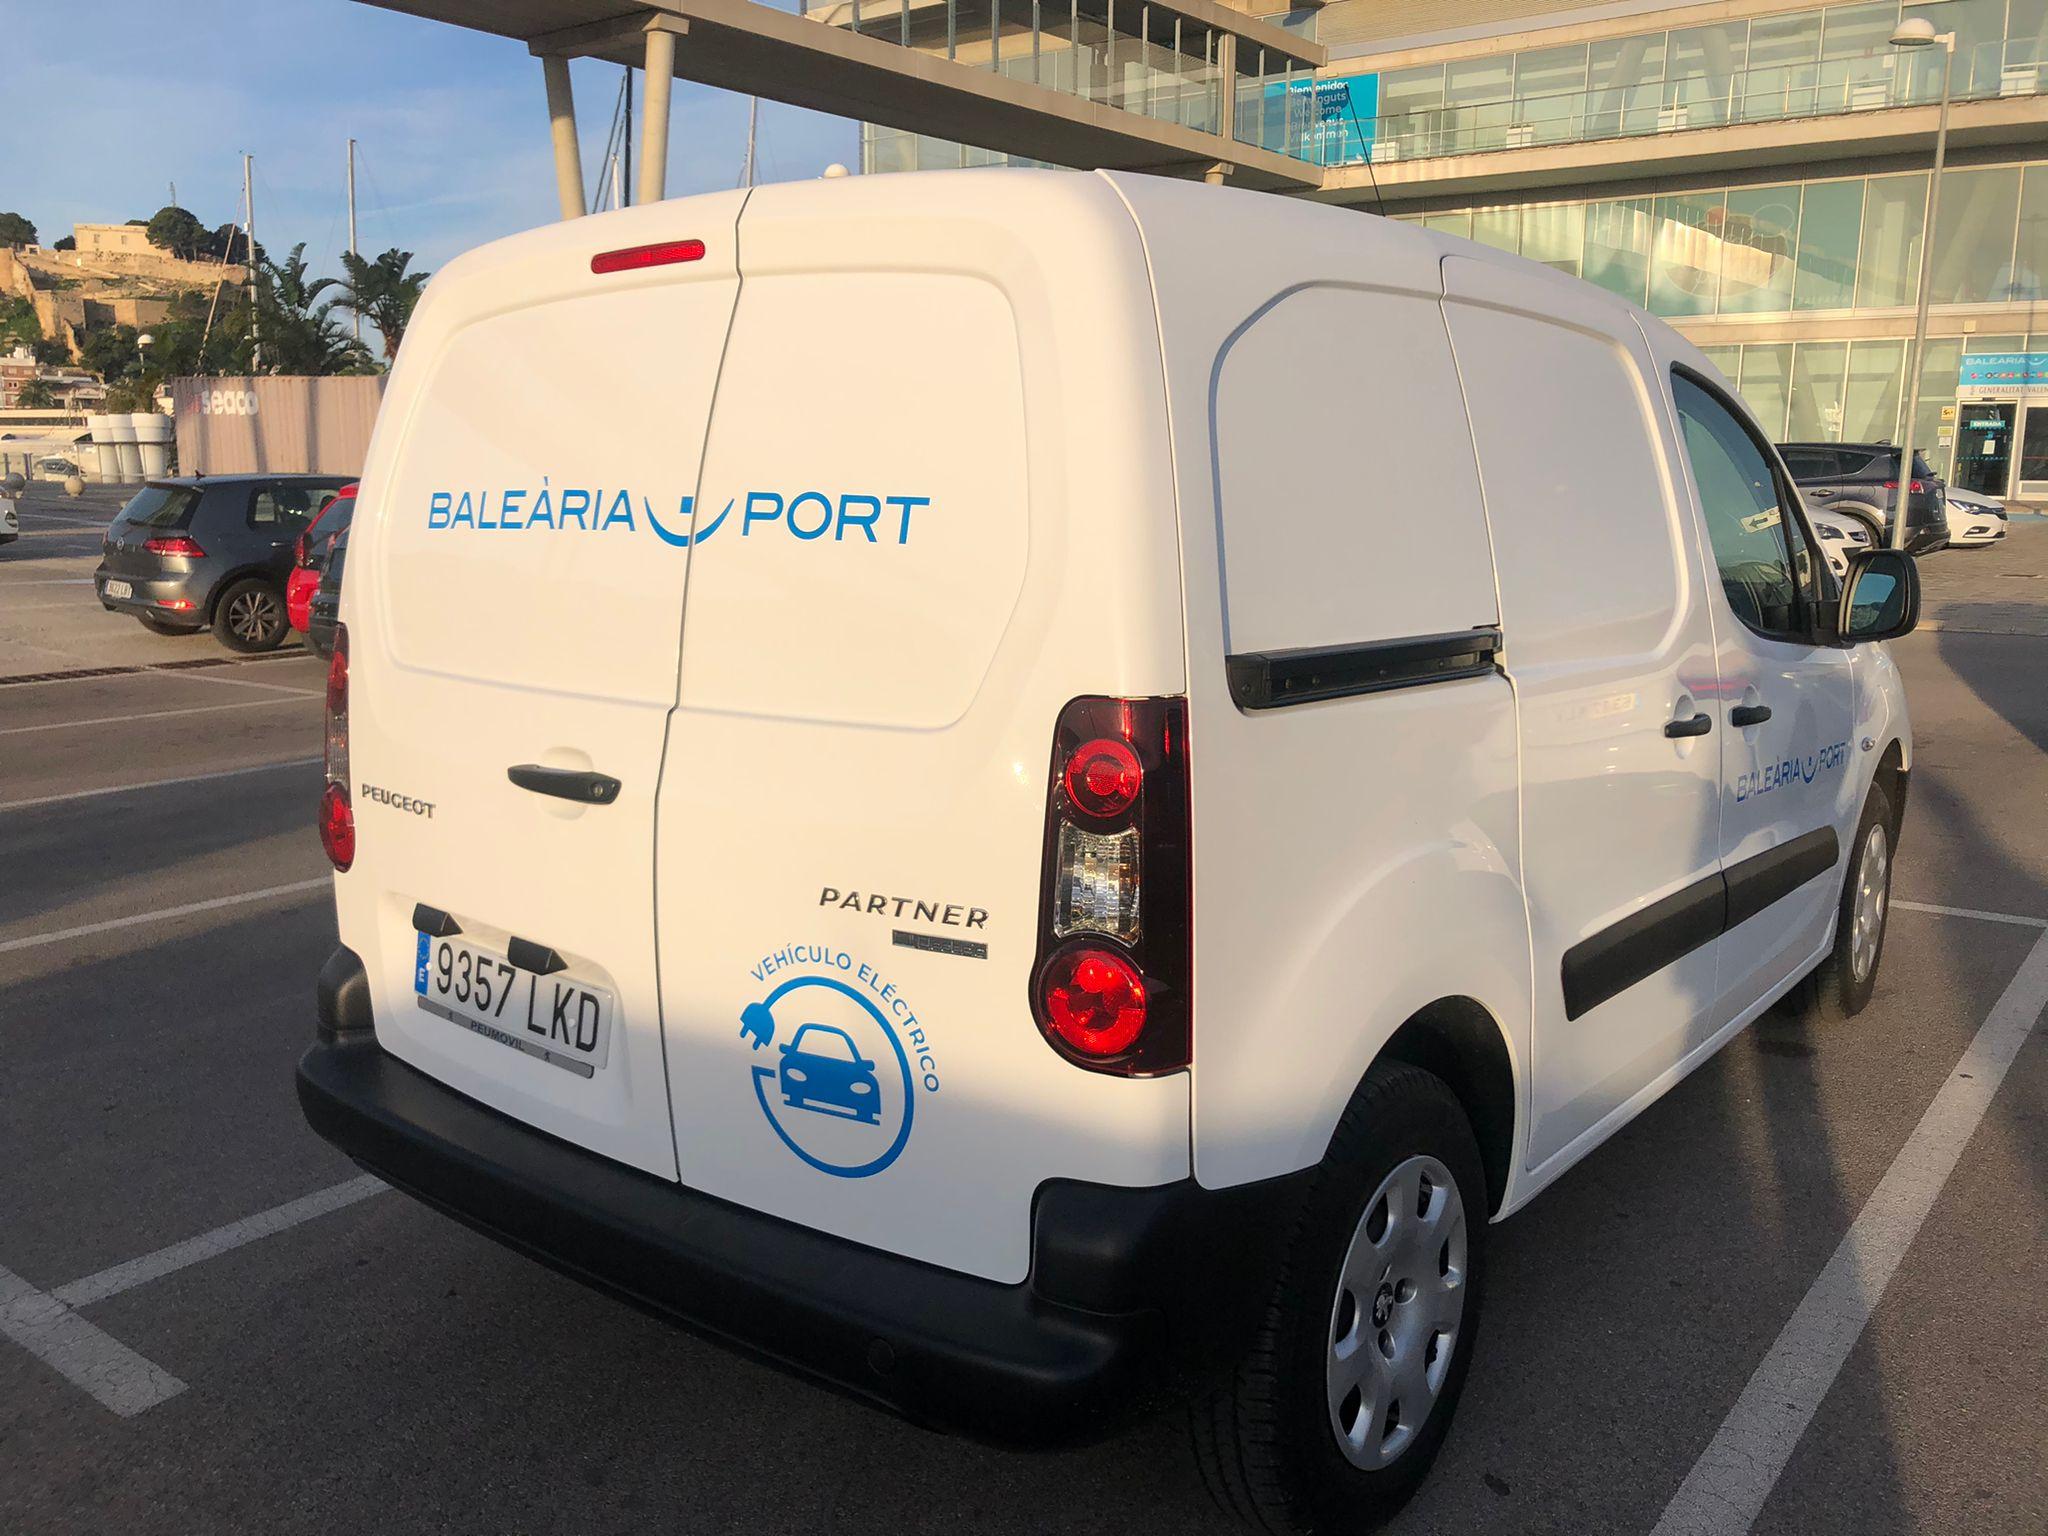 (Español) Baleària adquiere un coche 100% eléctrico para las operaciones portuarias en Dénia